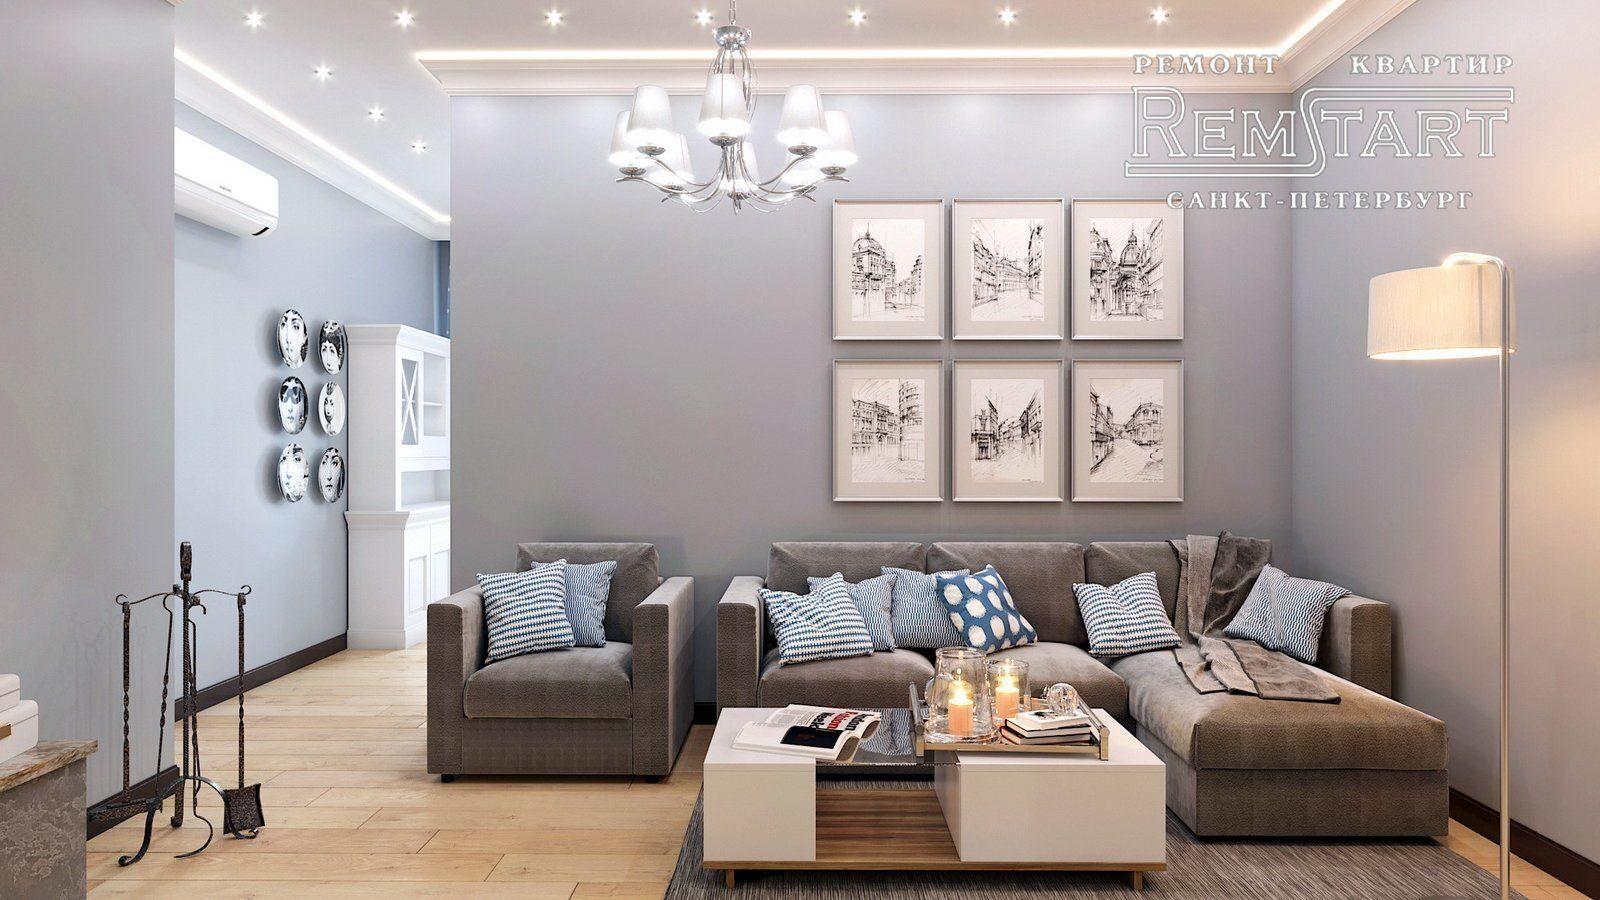 Дизайн большой красивой квартиры в новостройке